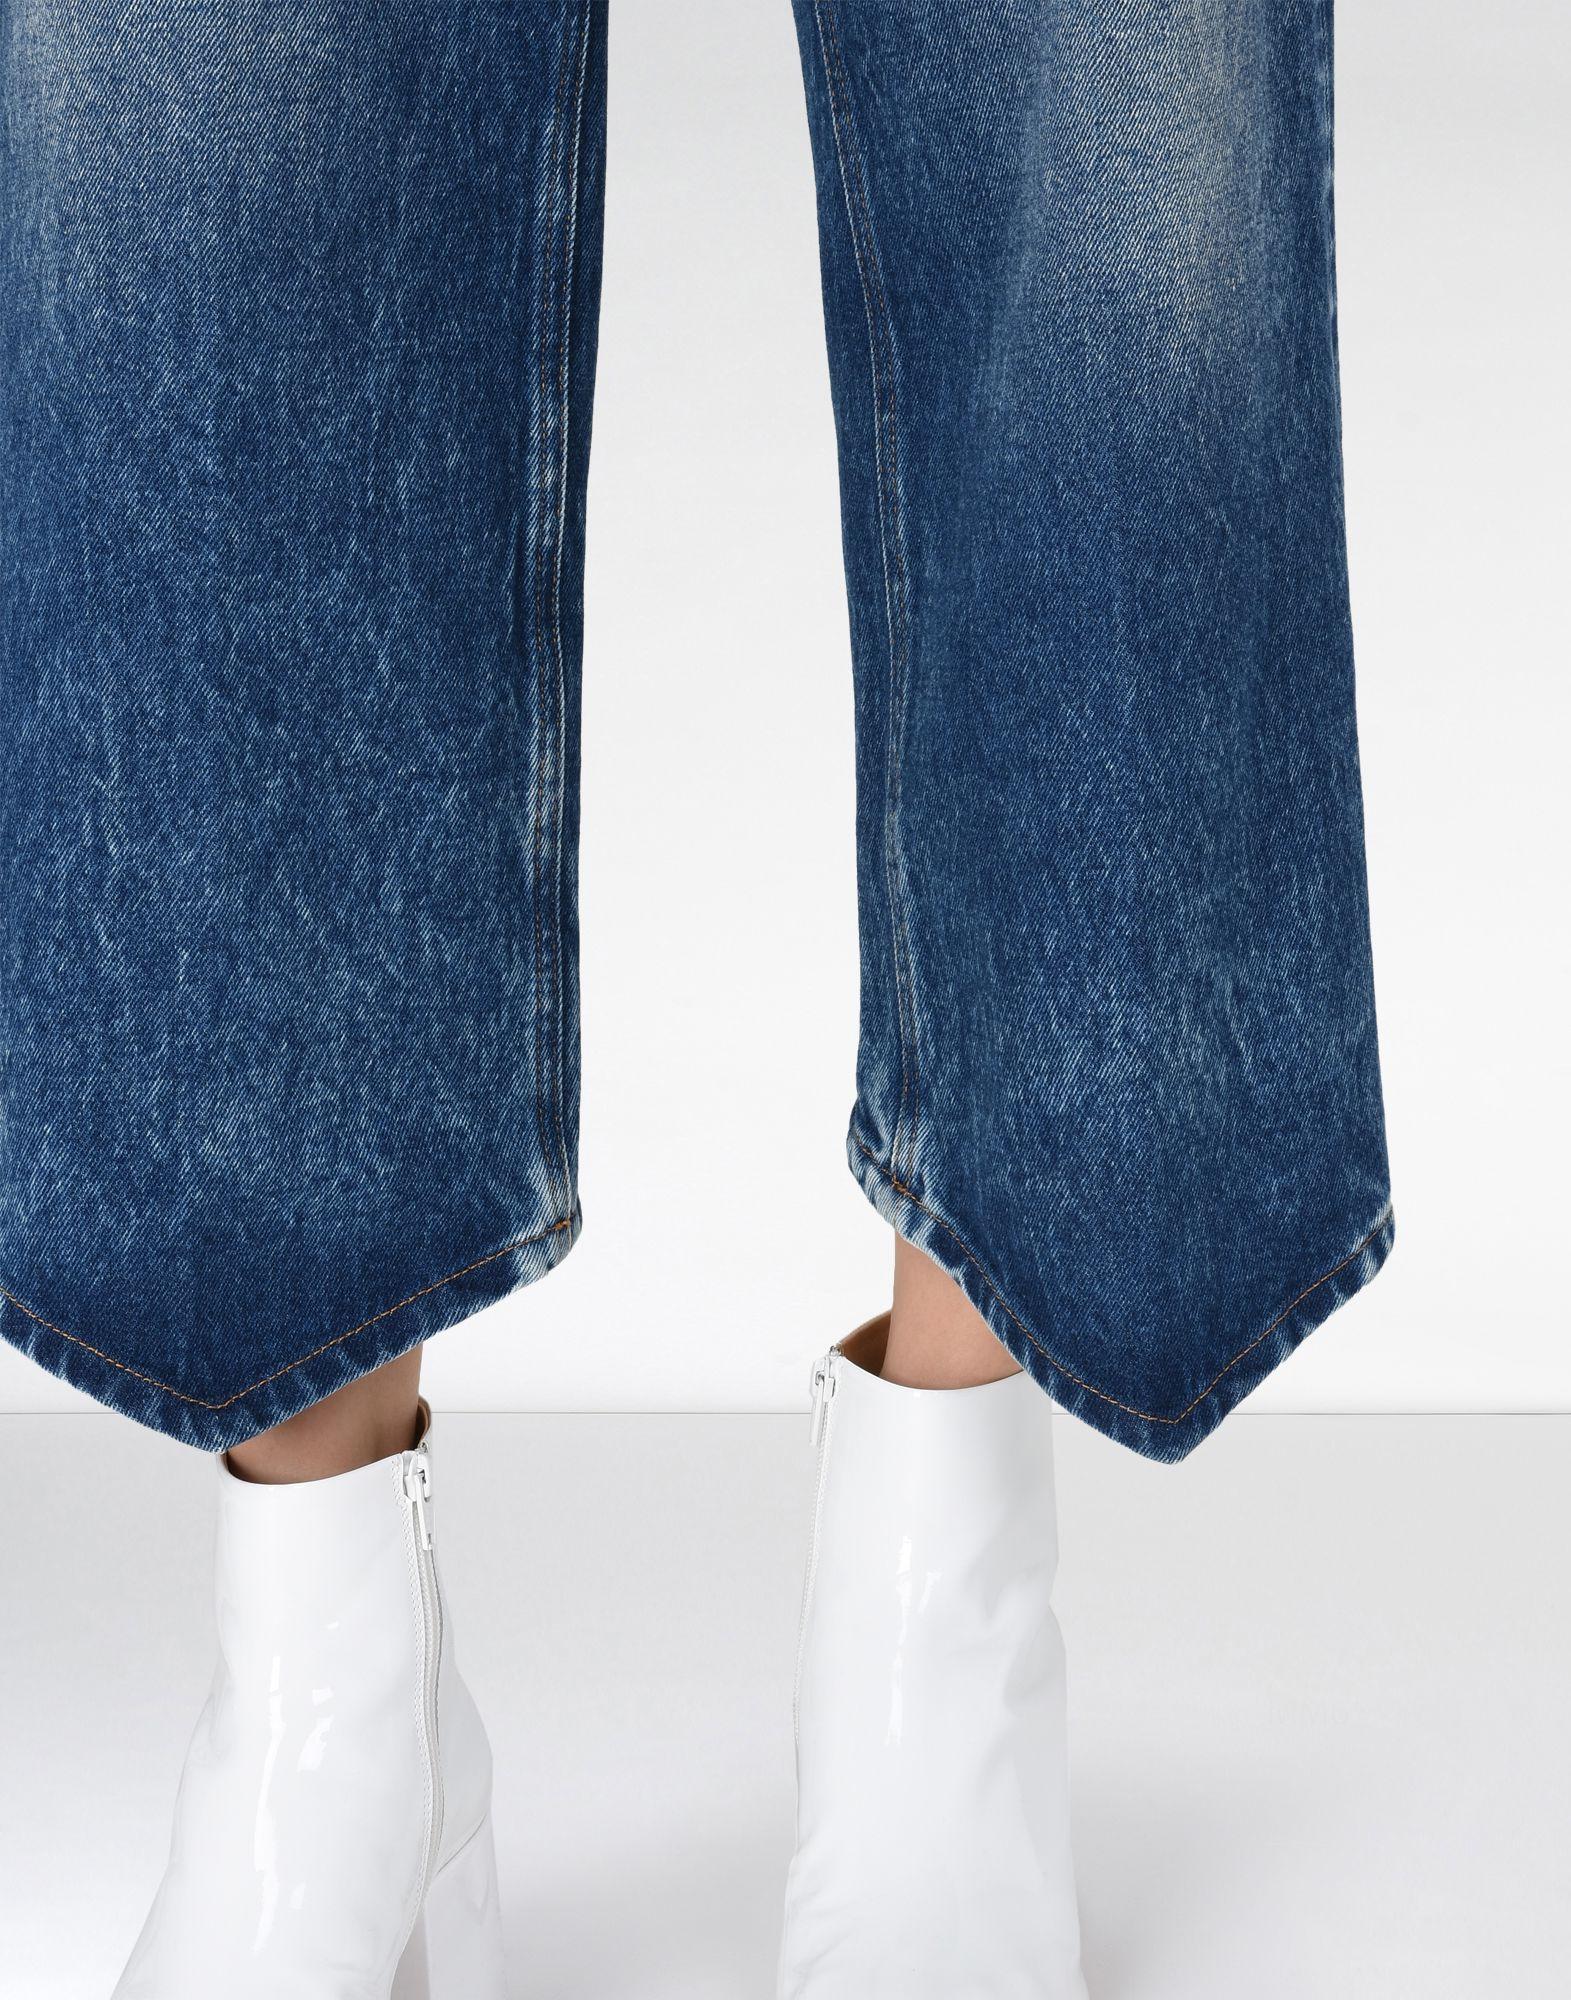 MM6 MAISON MARGIELA Diamond-cut jeans Jeans Woman a